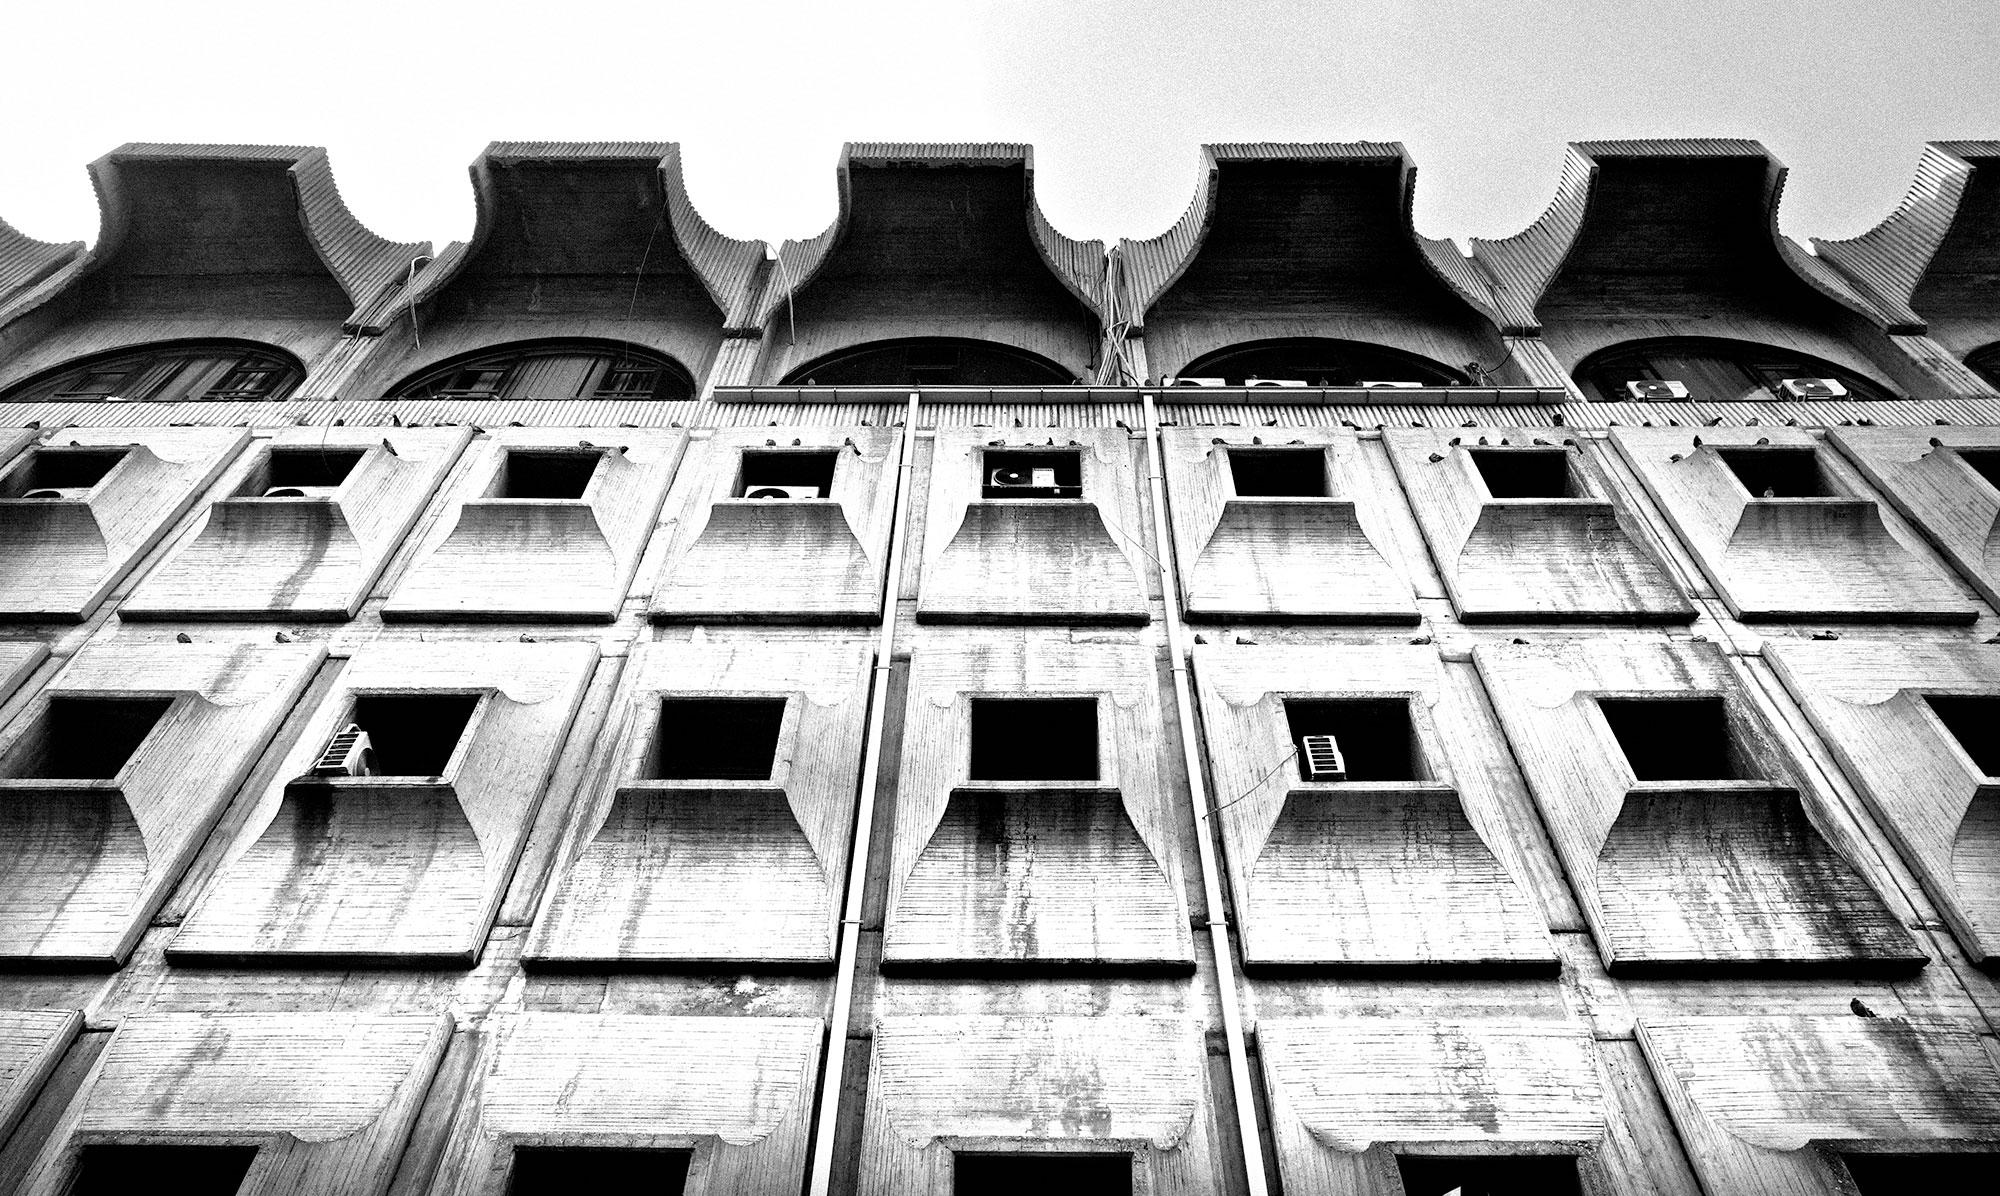 Το έργο 'Σκόπια  2014' και η επιστροφή της ιστορίας